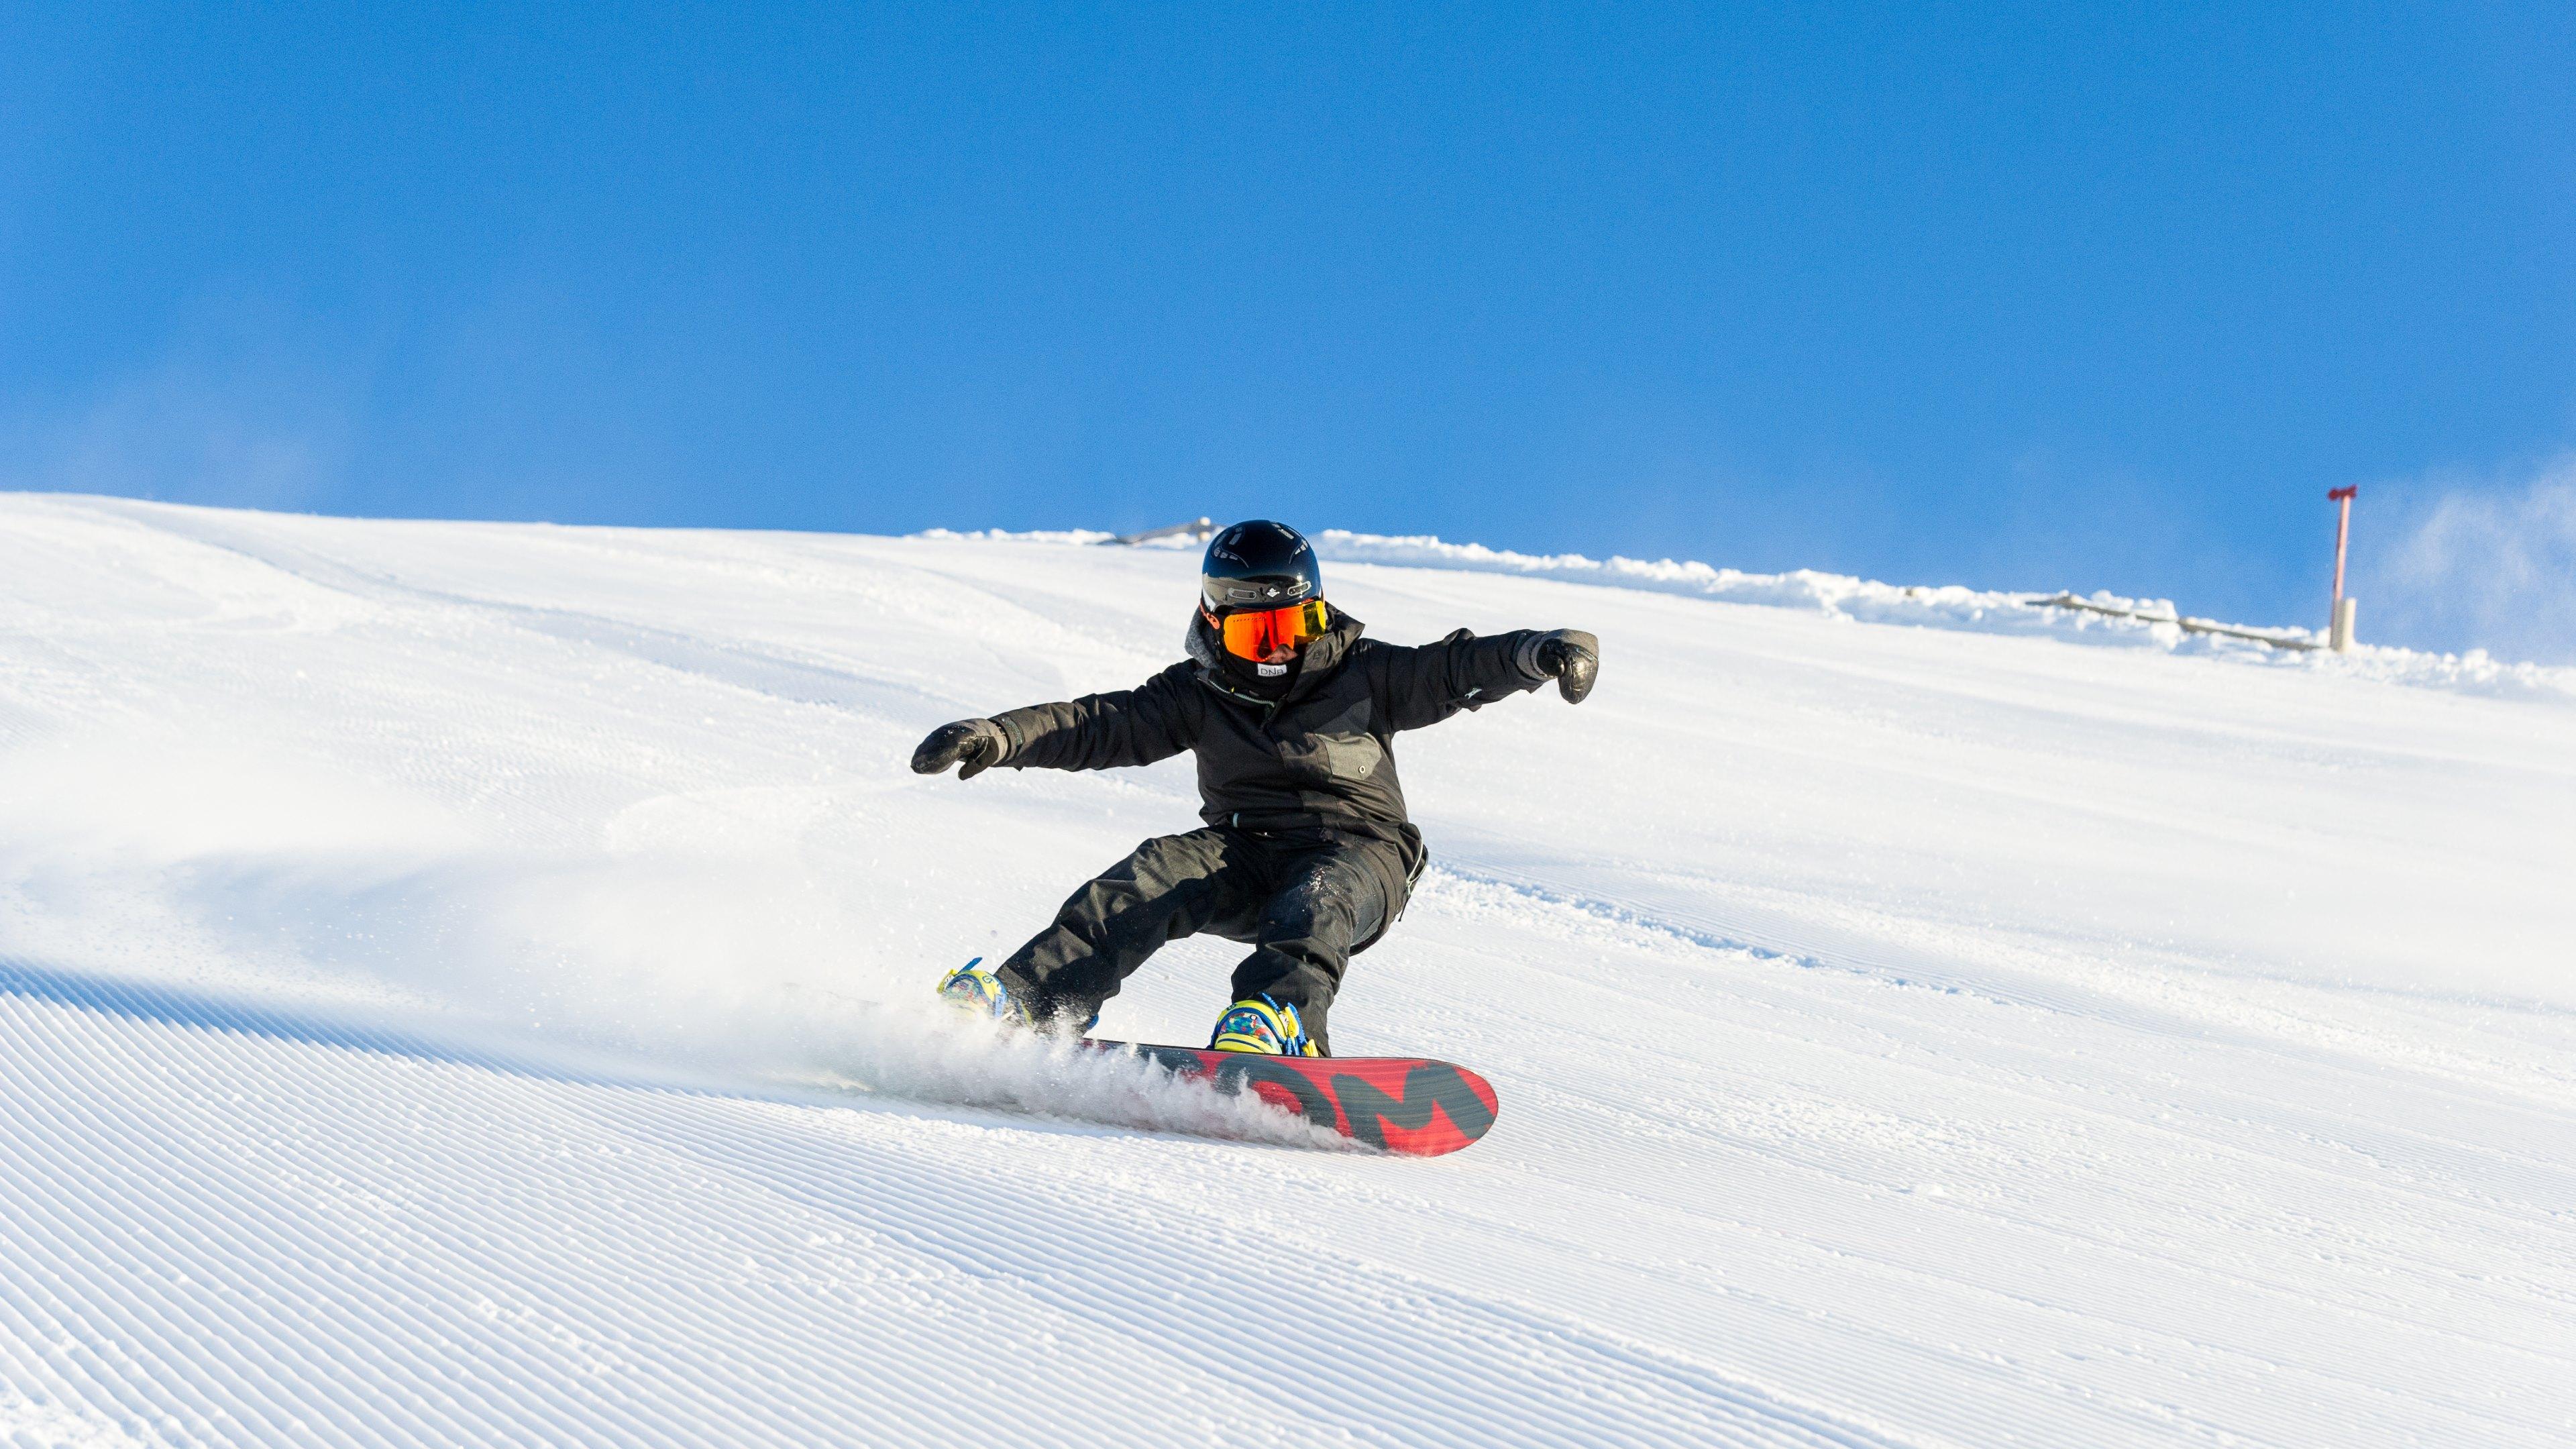 4k hd wallpaper winter sports   snowboarding